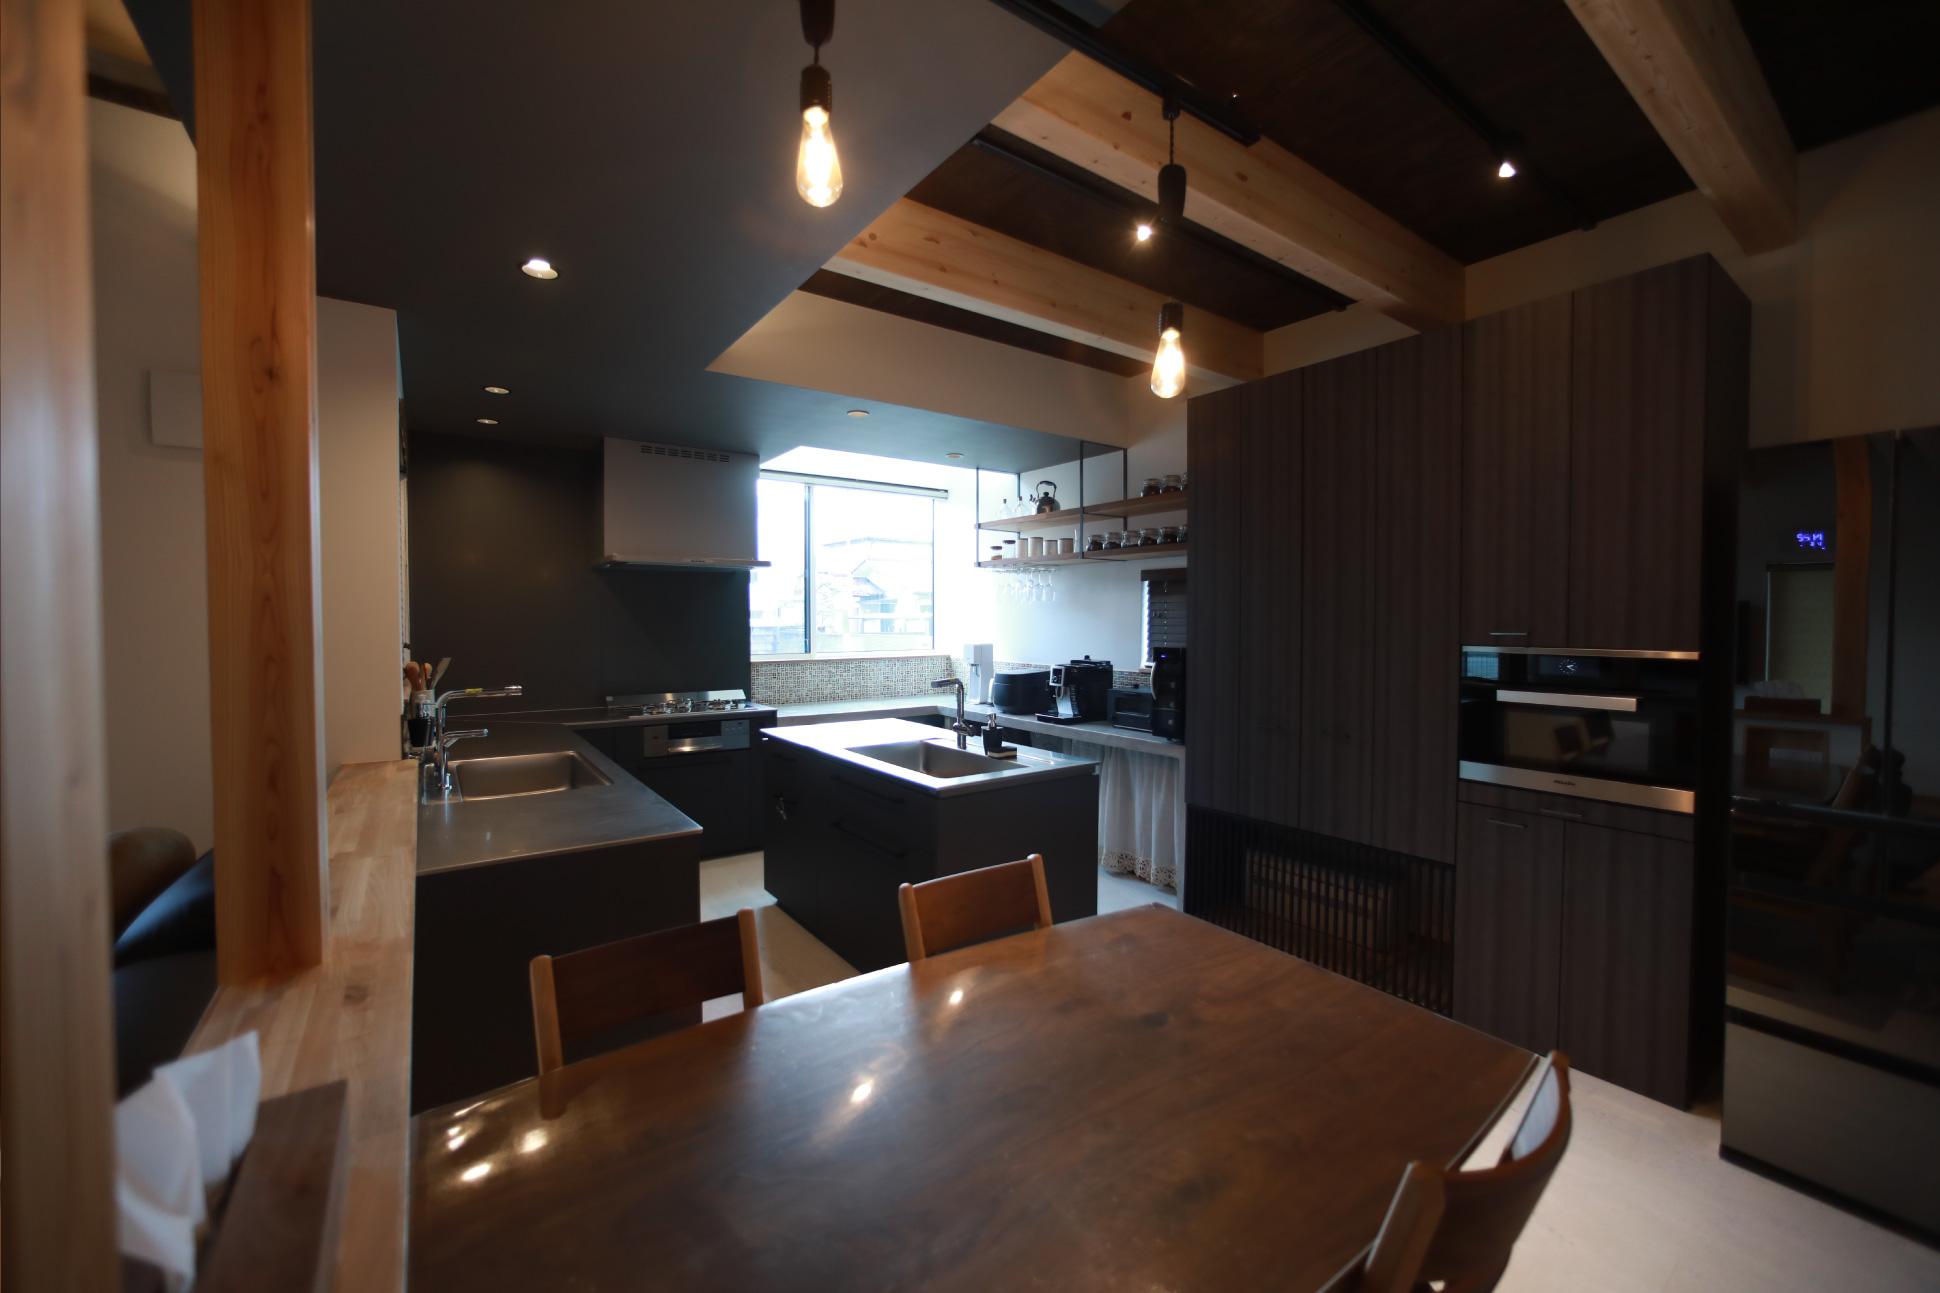 手の届く範囲と、複数で料理を楽しむ:君津 戸建て新築